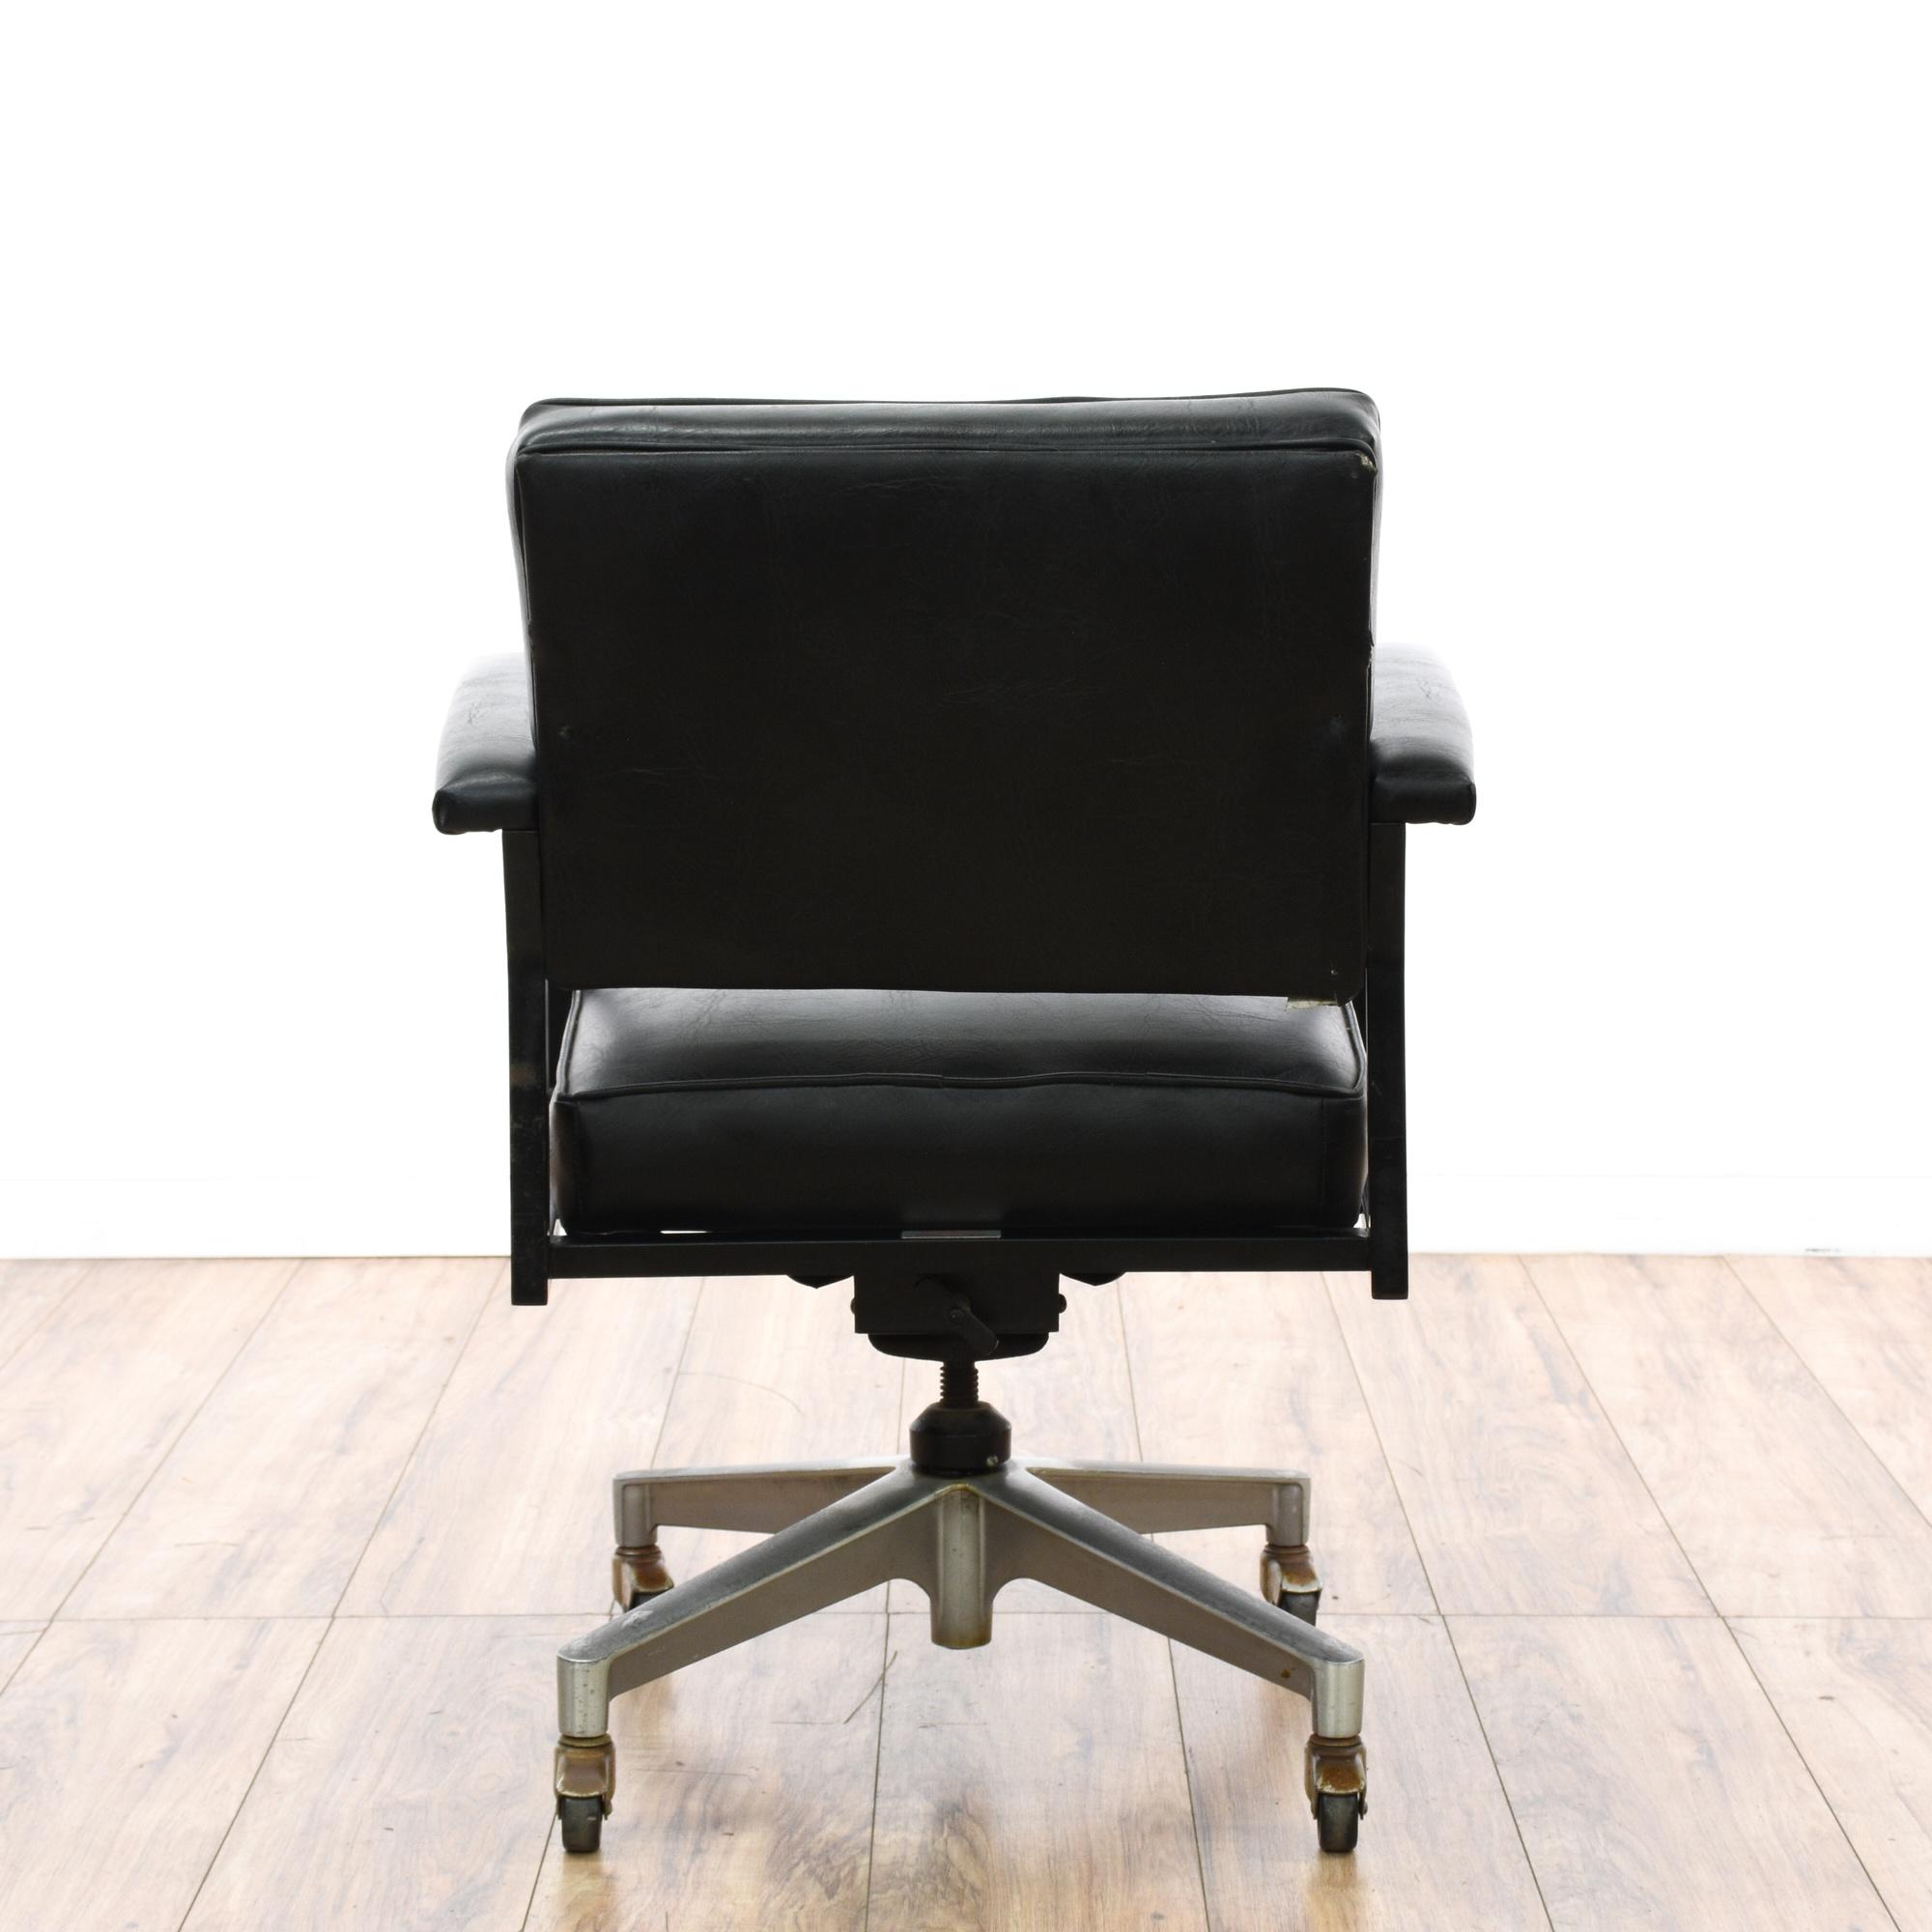 nelson thomas mid century modern office chair loveseat